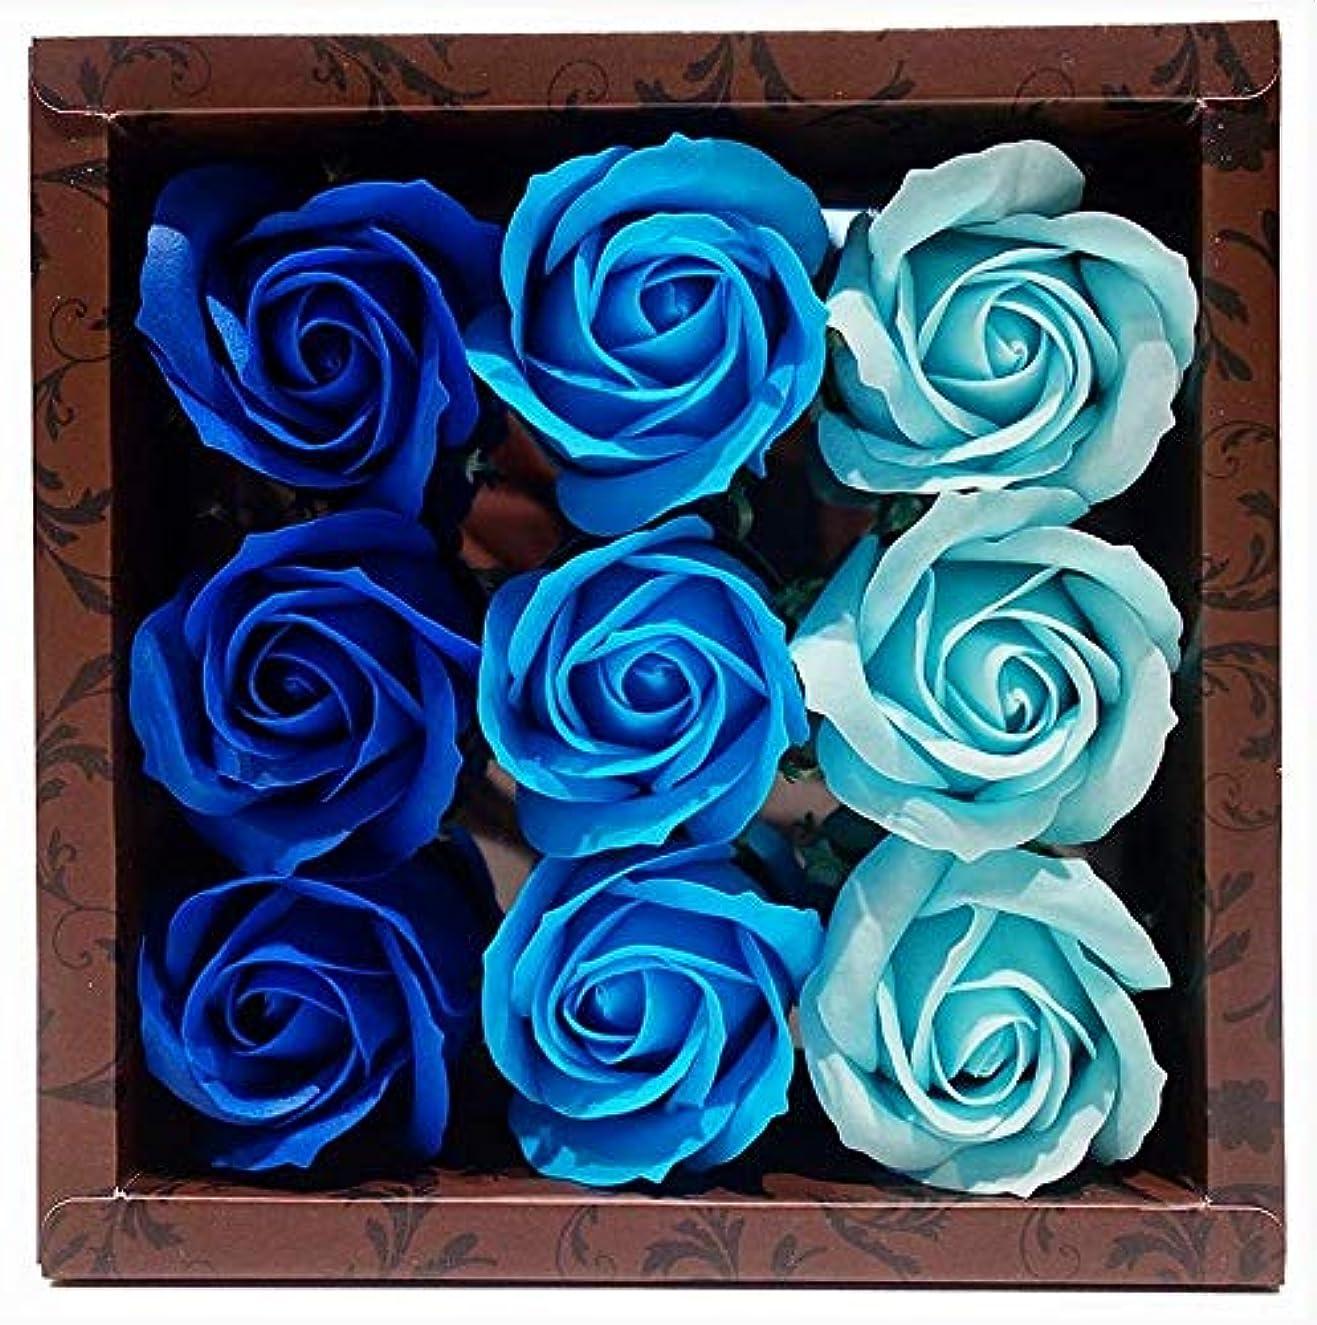 アリーナ過半数オプション花のカタチの入浴料 ローズ バスフレグランス フラワーフレグランス バスフラワー (ブルー)